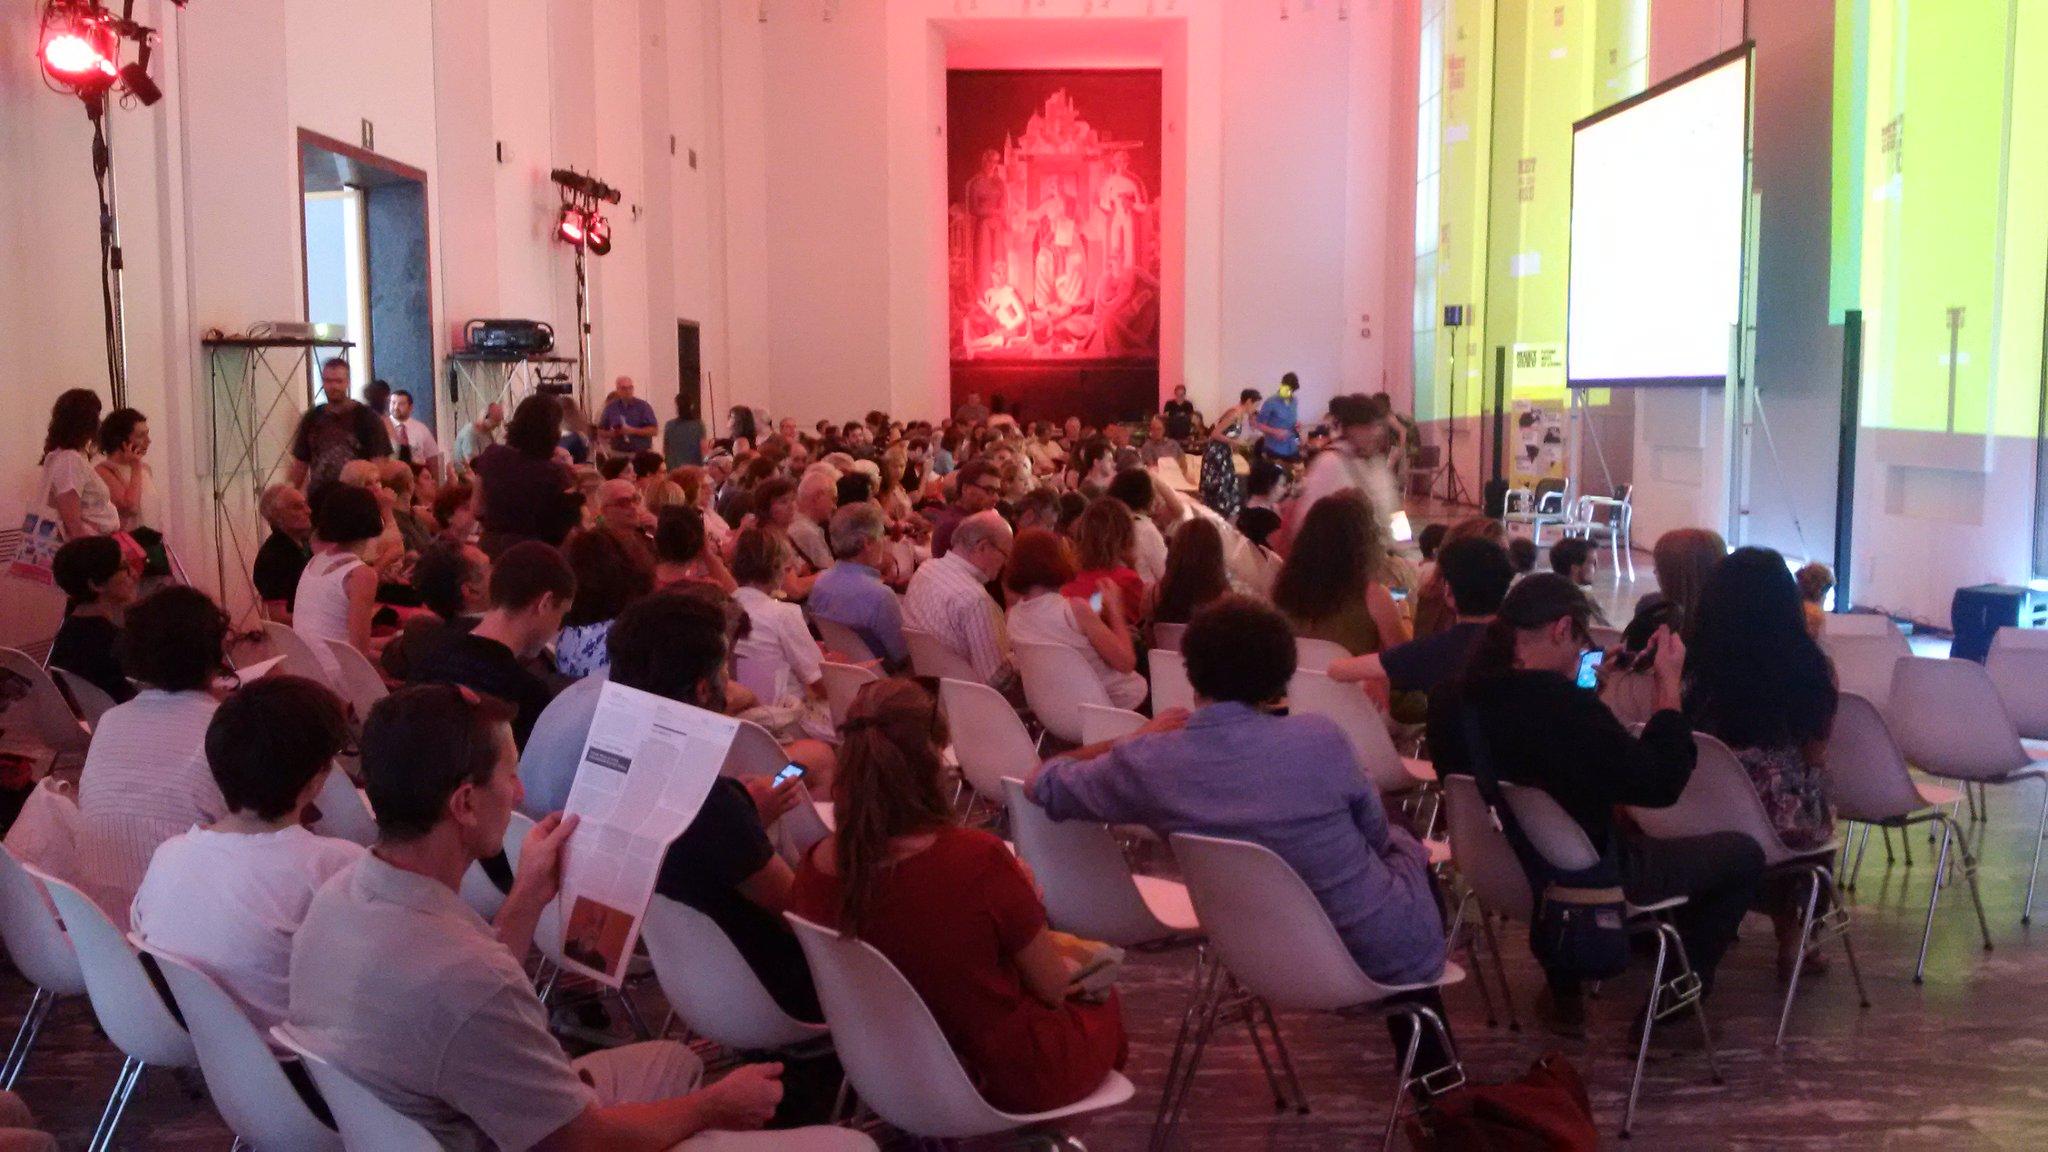 Sala piena @LaTriennale per #Appadurai @mmguru #Futuro #Culturale https://t.co/C5uJBZEUtx